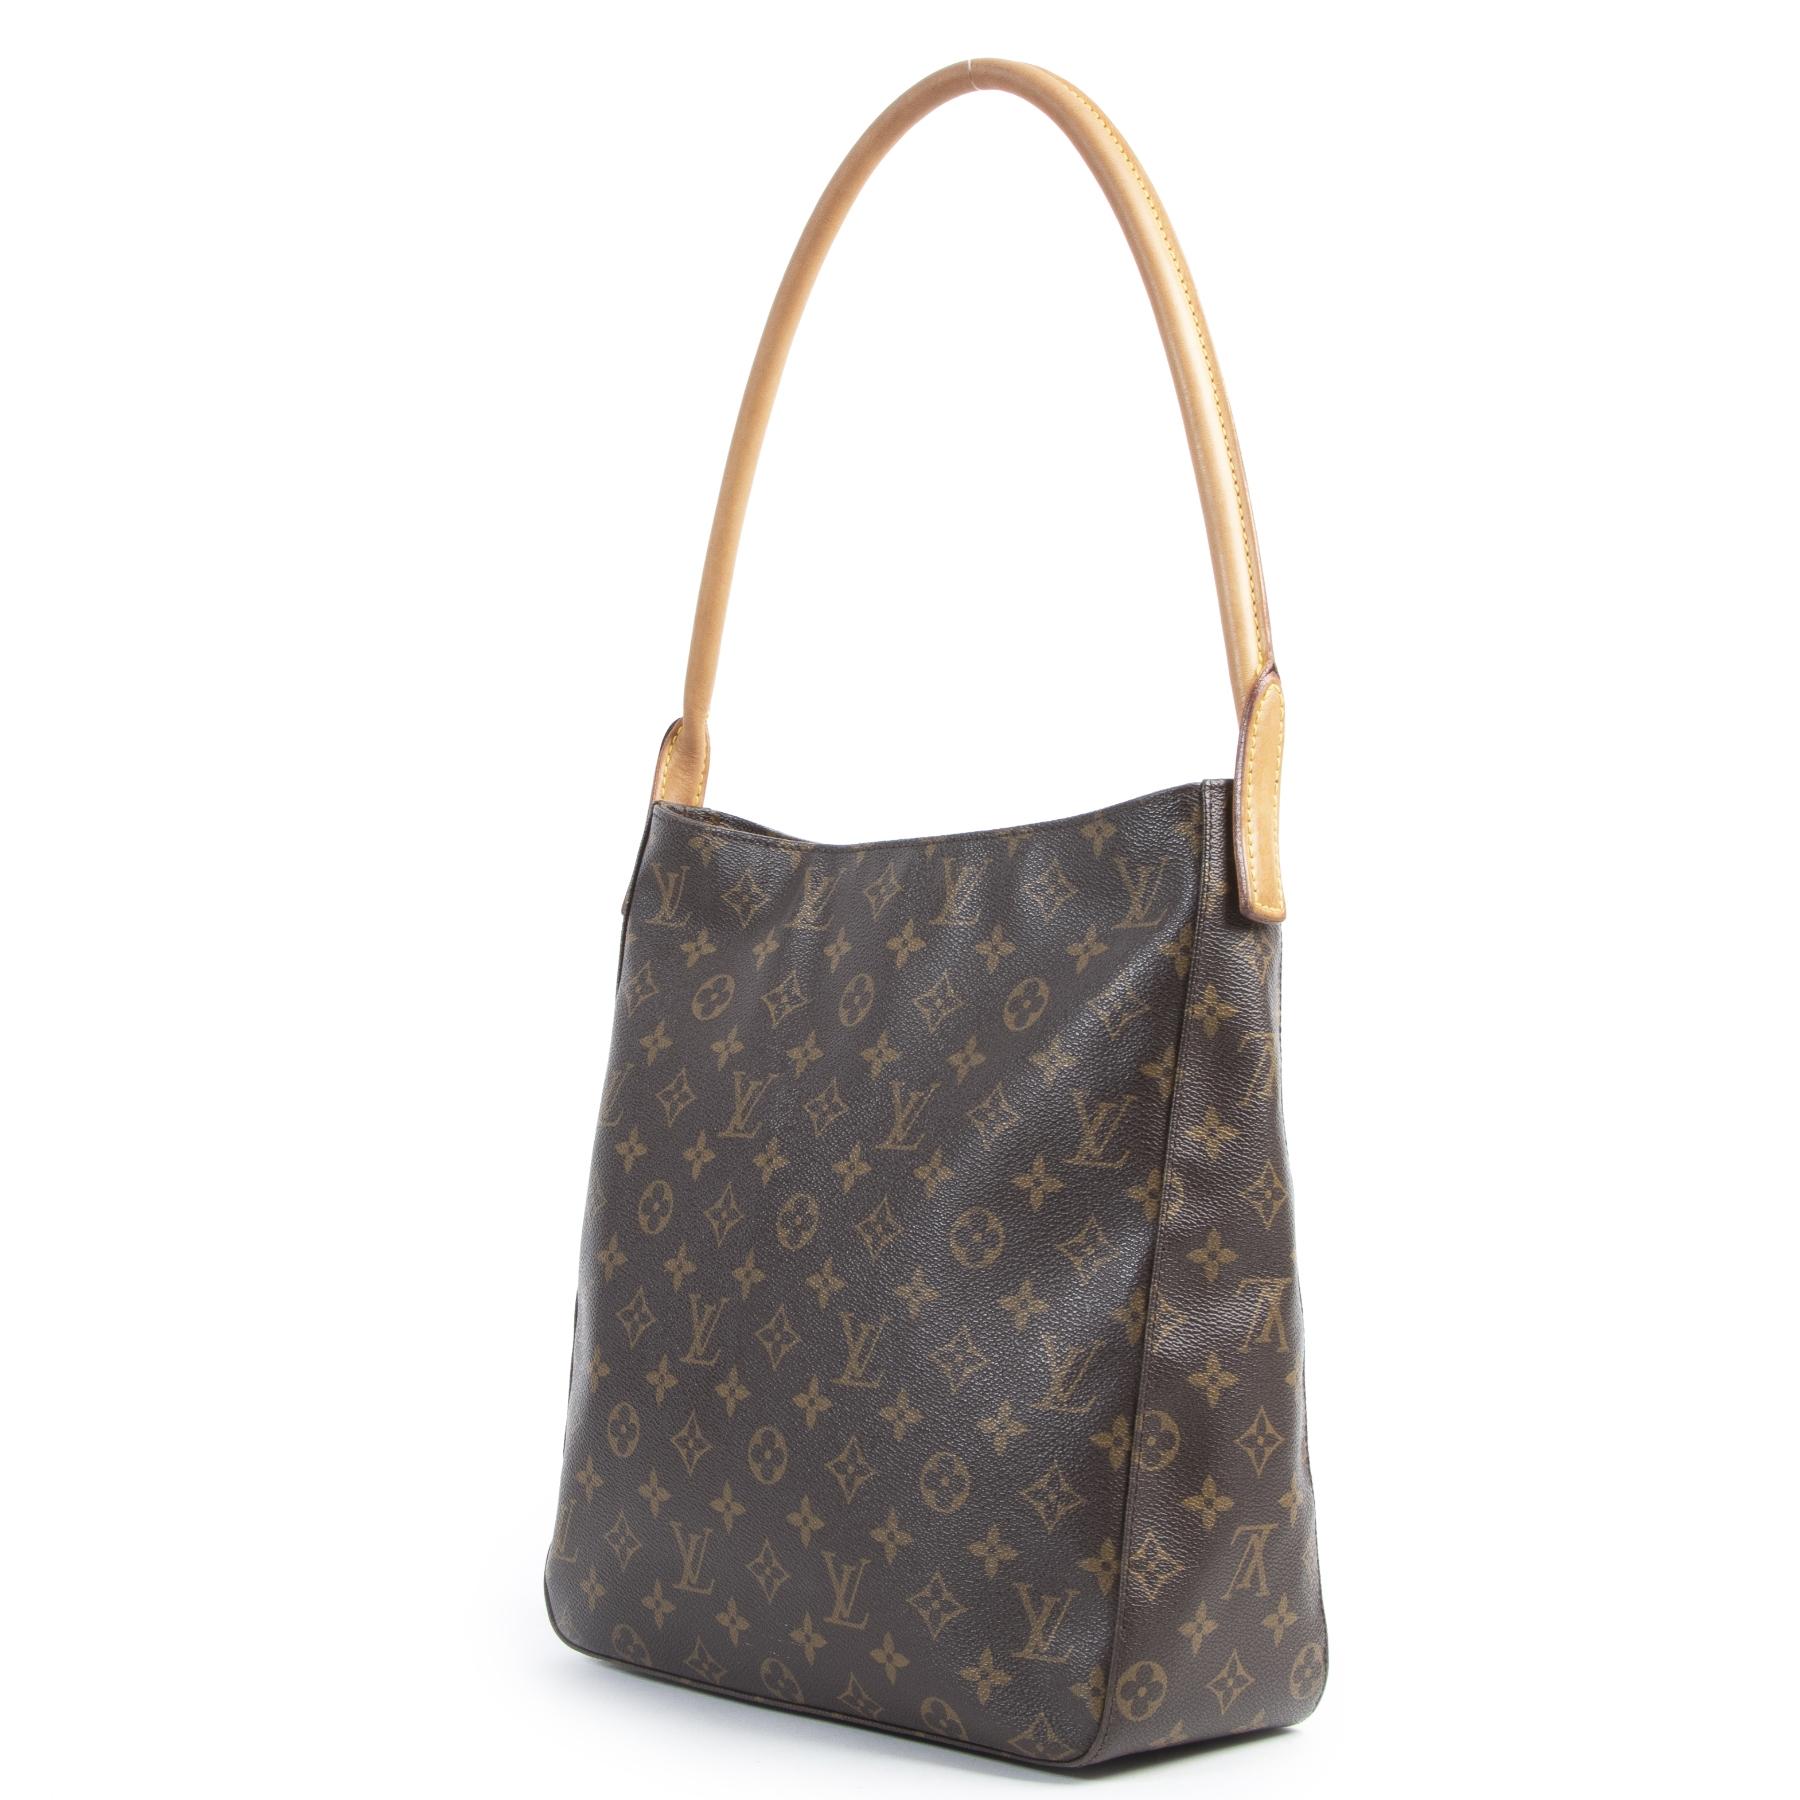 Authentieke Tweedehands Louis Vuitton Monogram Looping GM Shoulder Bag juiste prijs veilig online shoppen luxe merken webshop winkelen Antwerpen België mode fashion